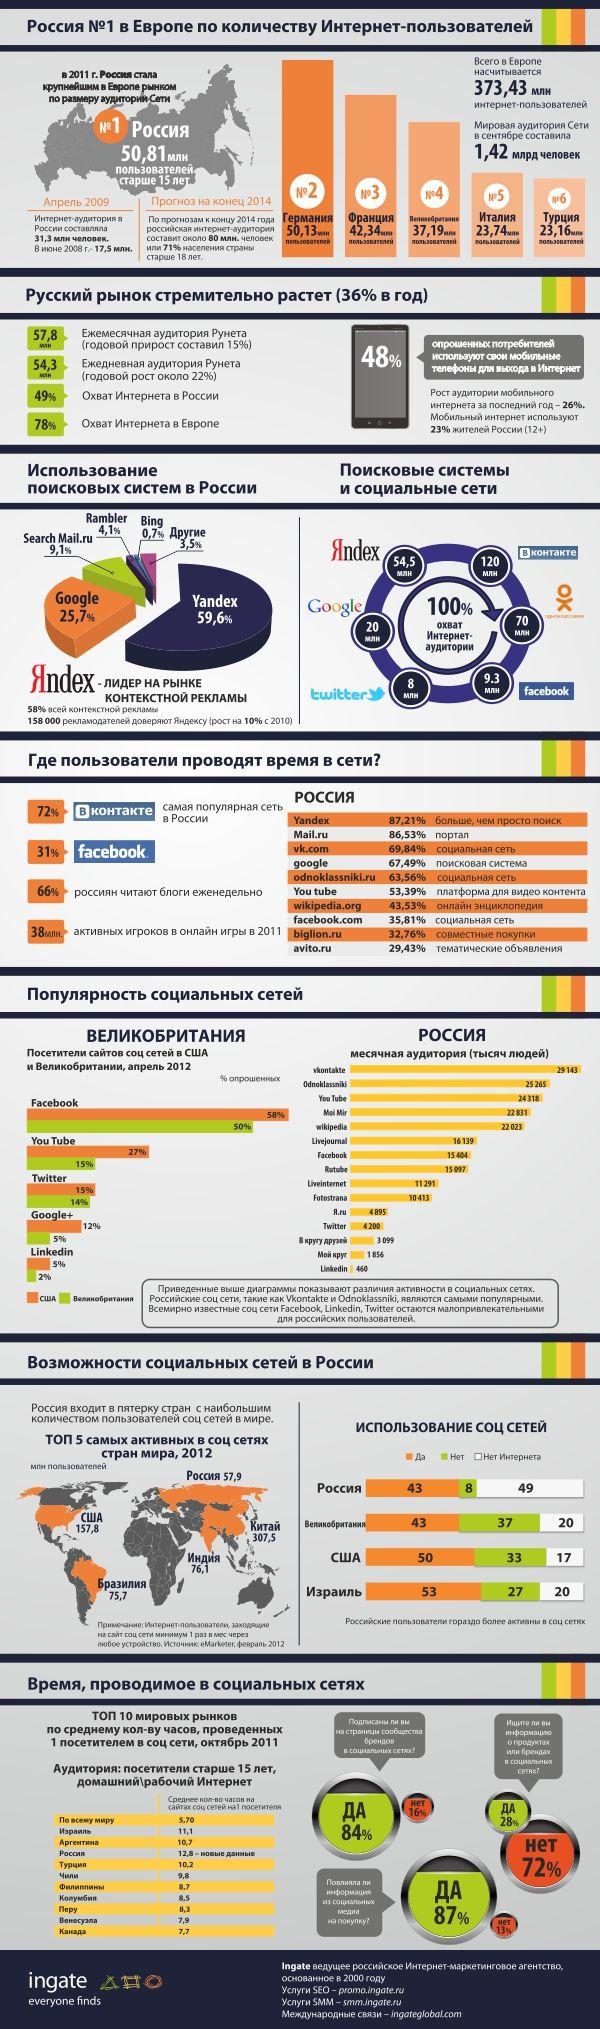 Россия лидирует в Европе по количеству интернет-пользователей. По прогнозам, к 2014г. аудитория Рунета составит 80 млн. человек или 71% населения страны старше 18 лет.     Самой популярной поисковой системой в России является Яндекс (59,6%). Наиболее популярный в мире поисковик Google уступает Яндексу в России более, чем в 2 раза (25,7%).     Другая особенность российской аудитории - активность в социальных сетях.